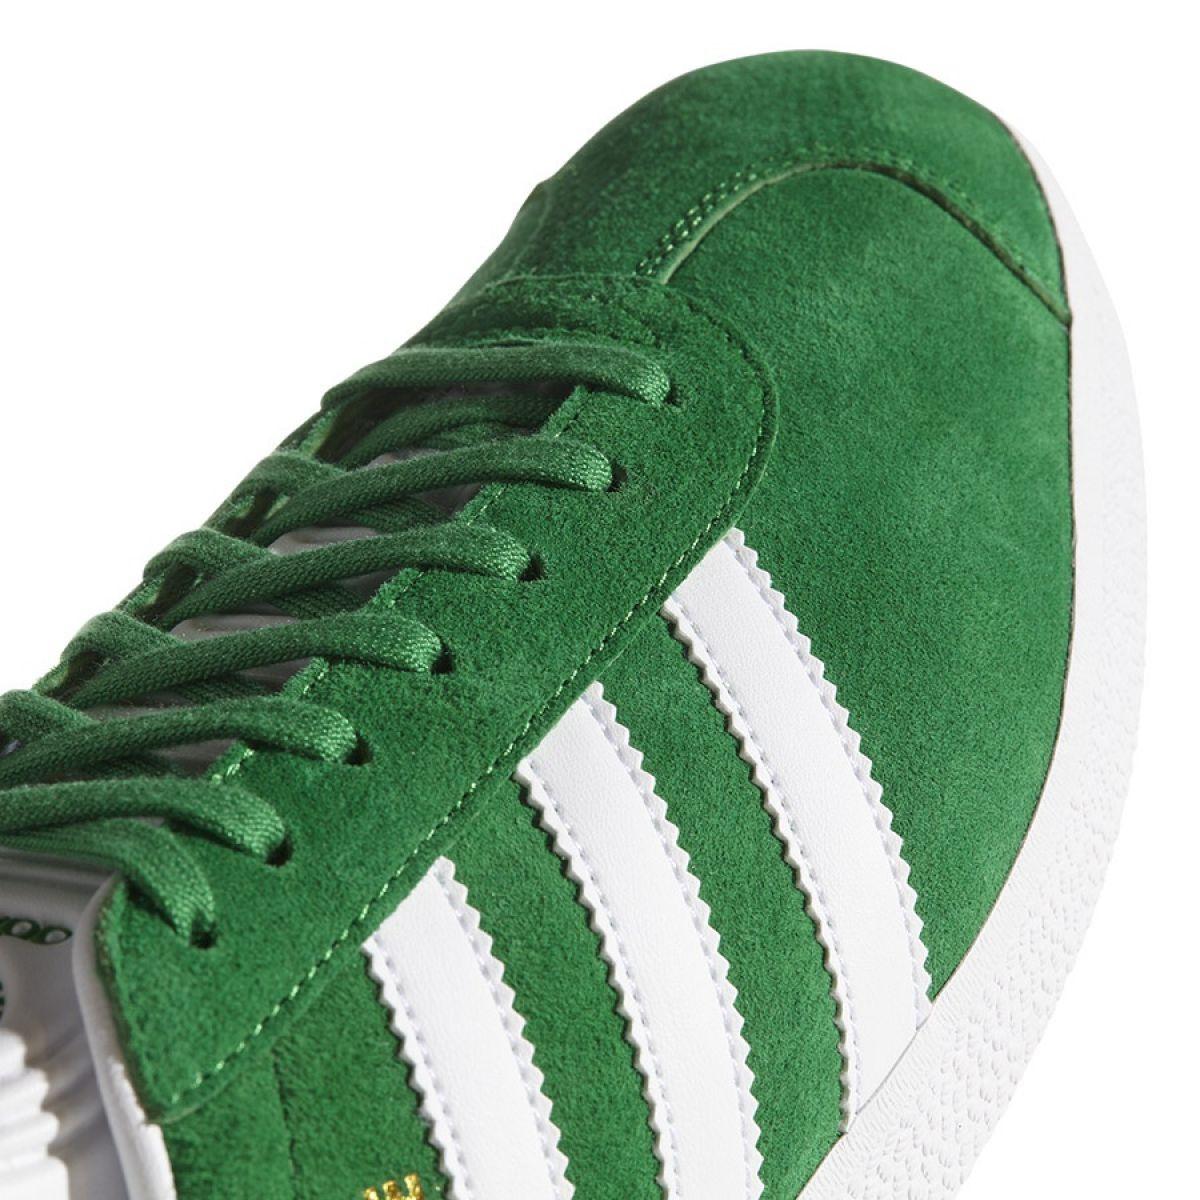 Adidas Originals Gazelle M BB5477 skor grön